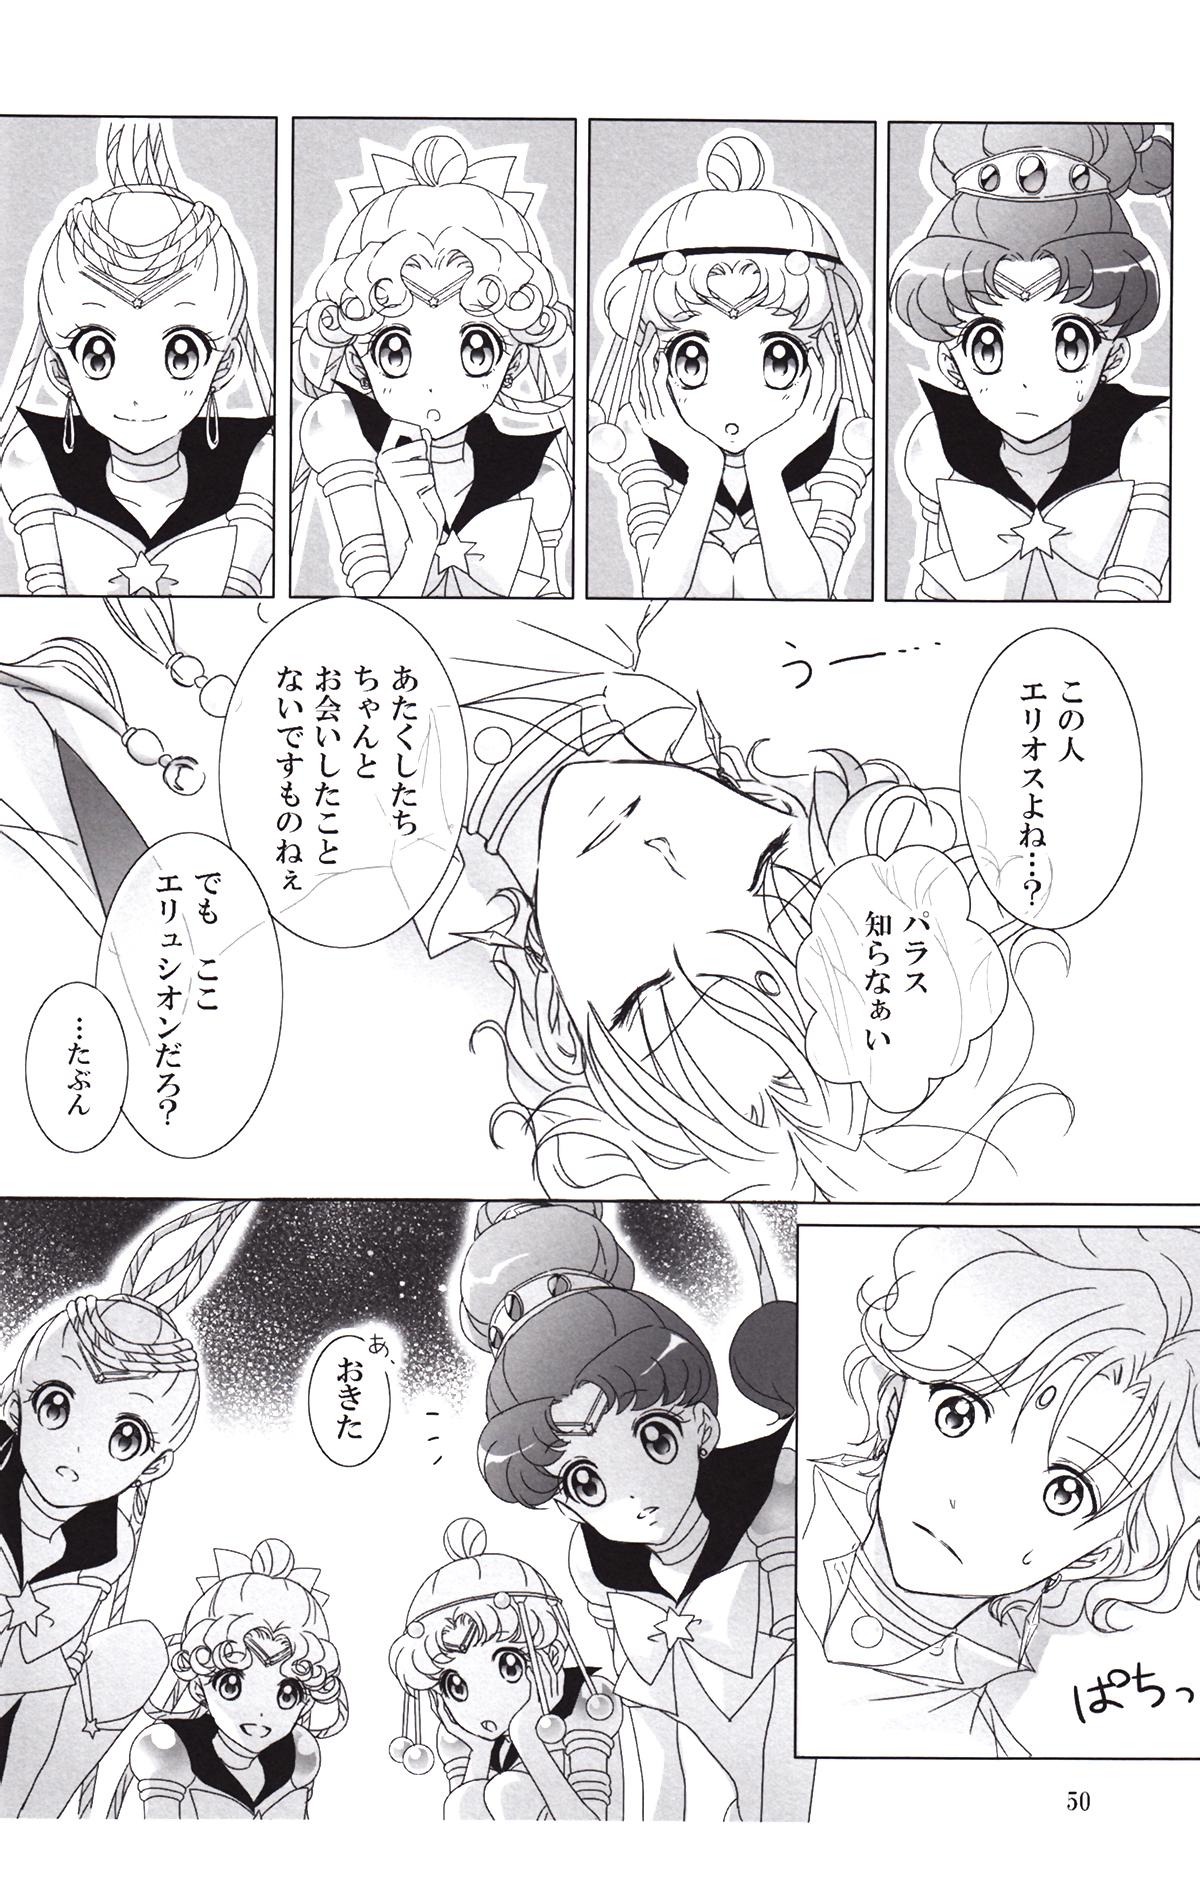 Yume_no_tsuzuki_50